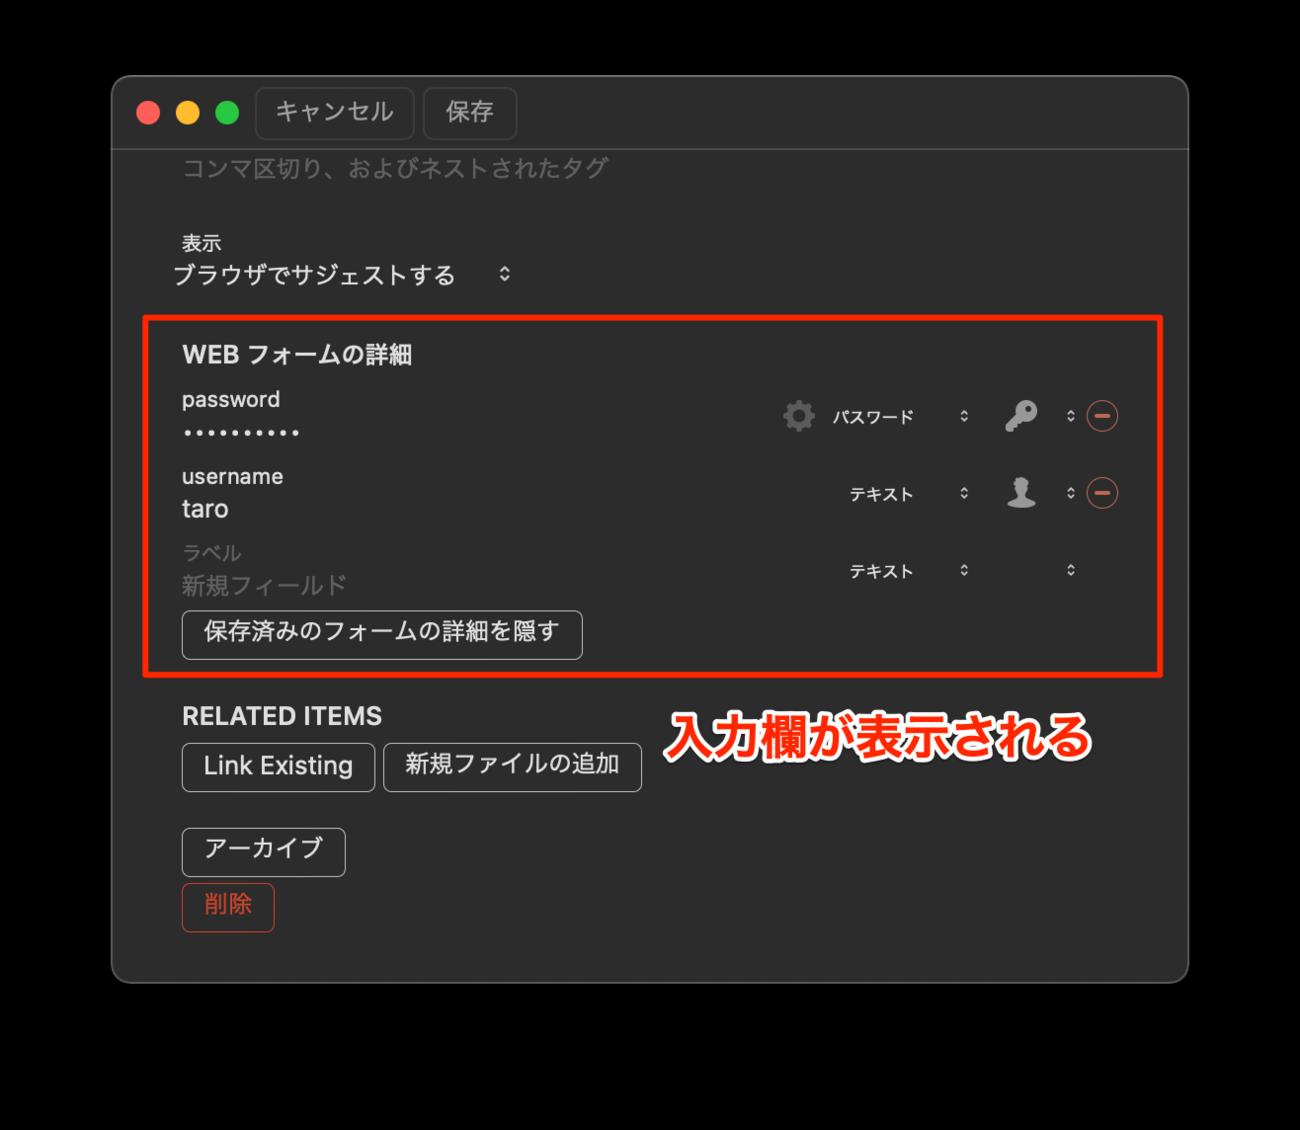 f:id:mizdra:20211005003850p:plain